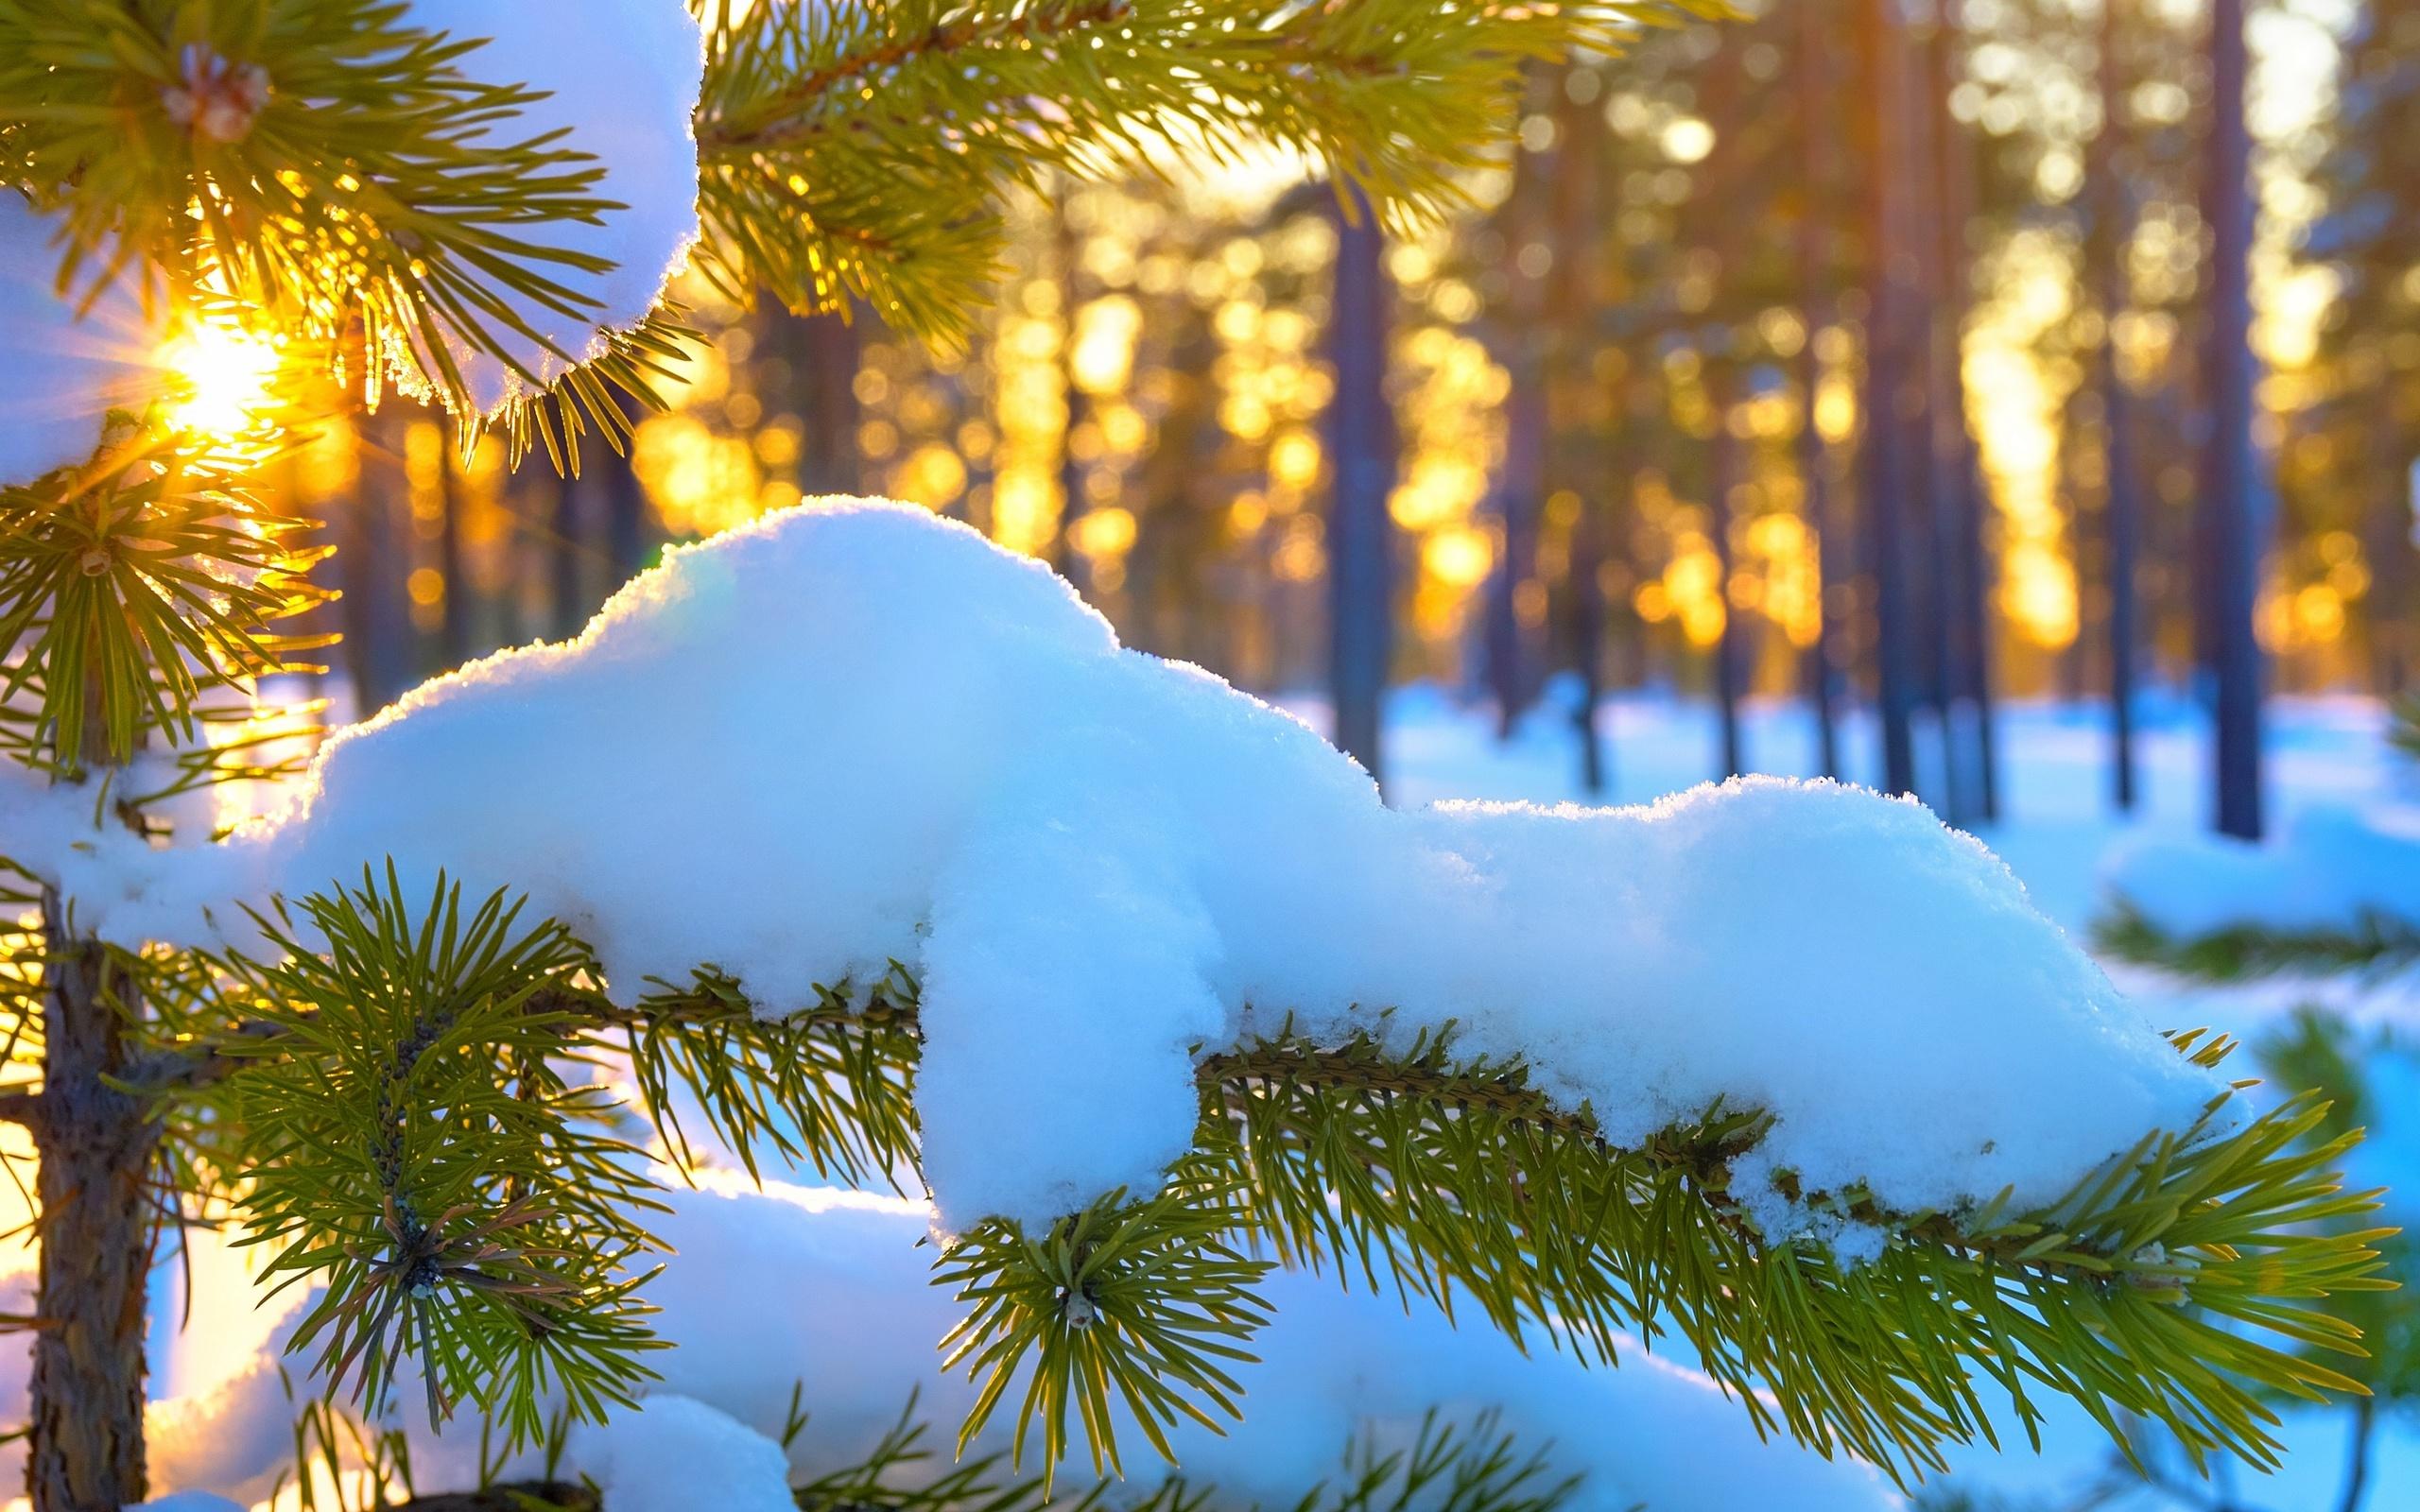 картинка отличного морозного дня показали, что